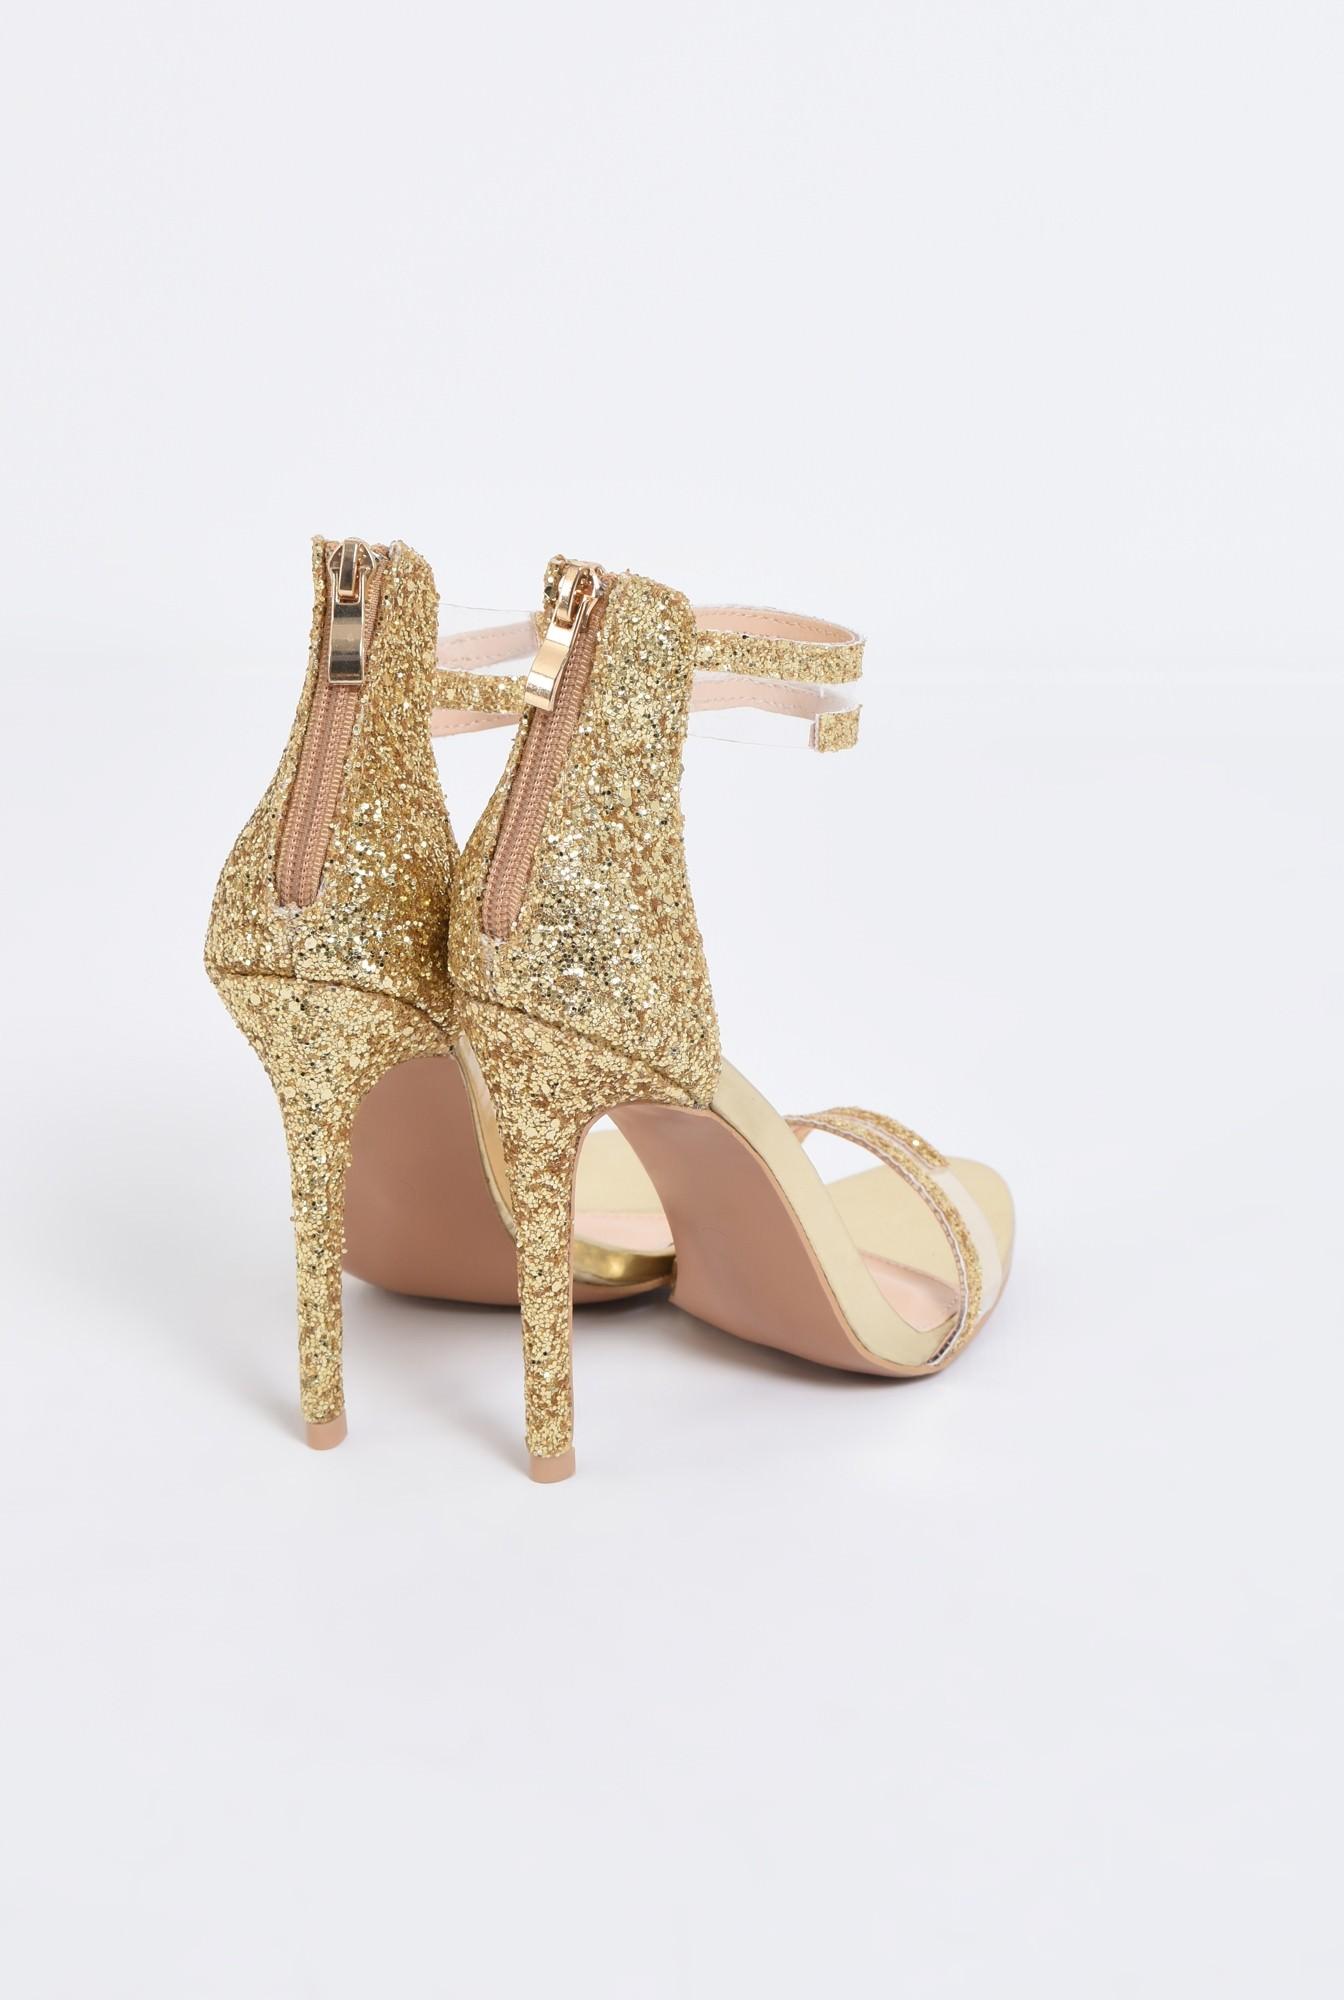 2 - sandale elegante, aurii, cu glitter, toc inalt